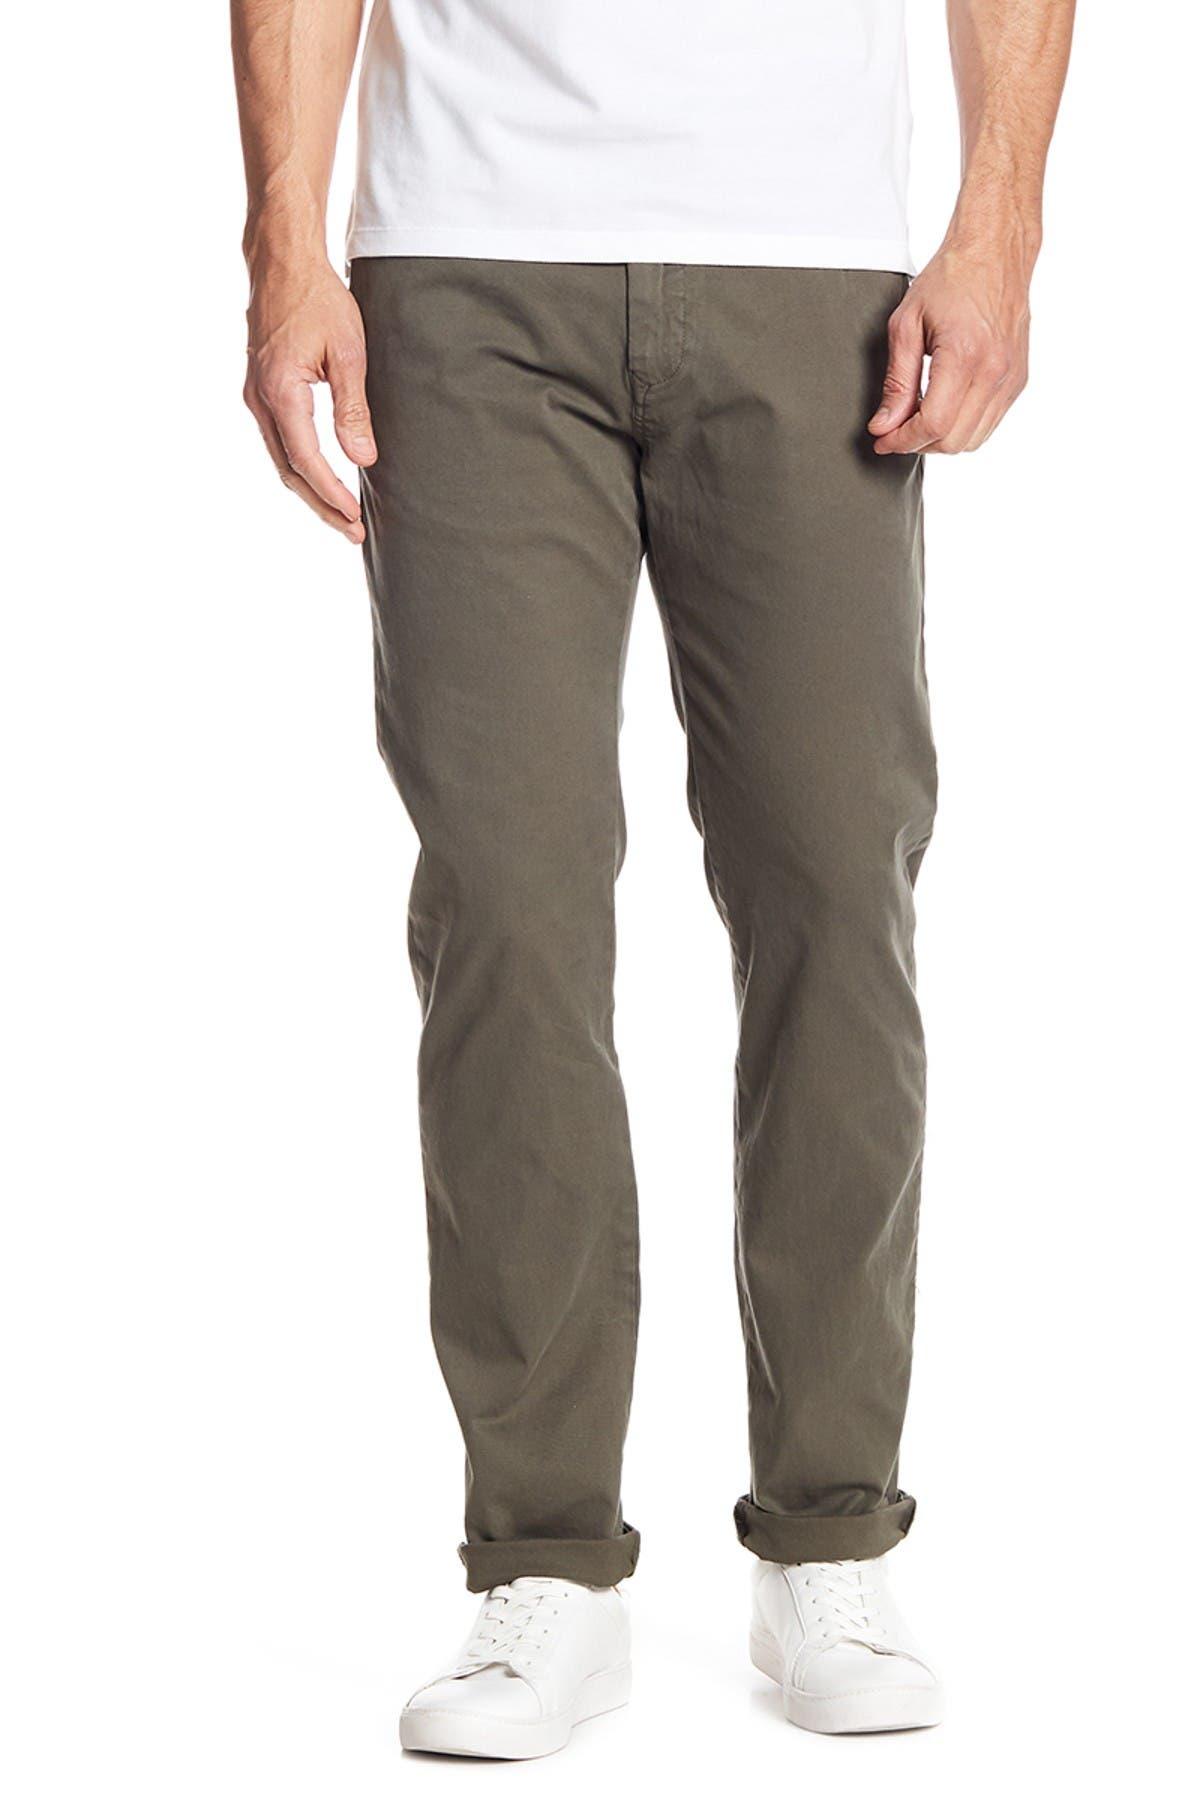 Image of Scotch & Soda Slim Chino Pants